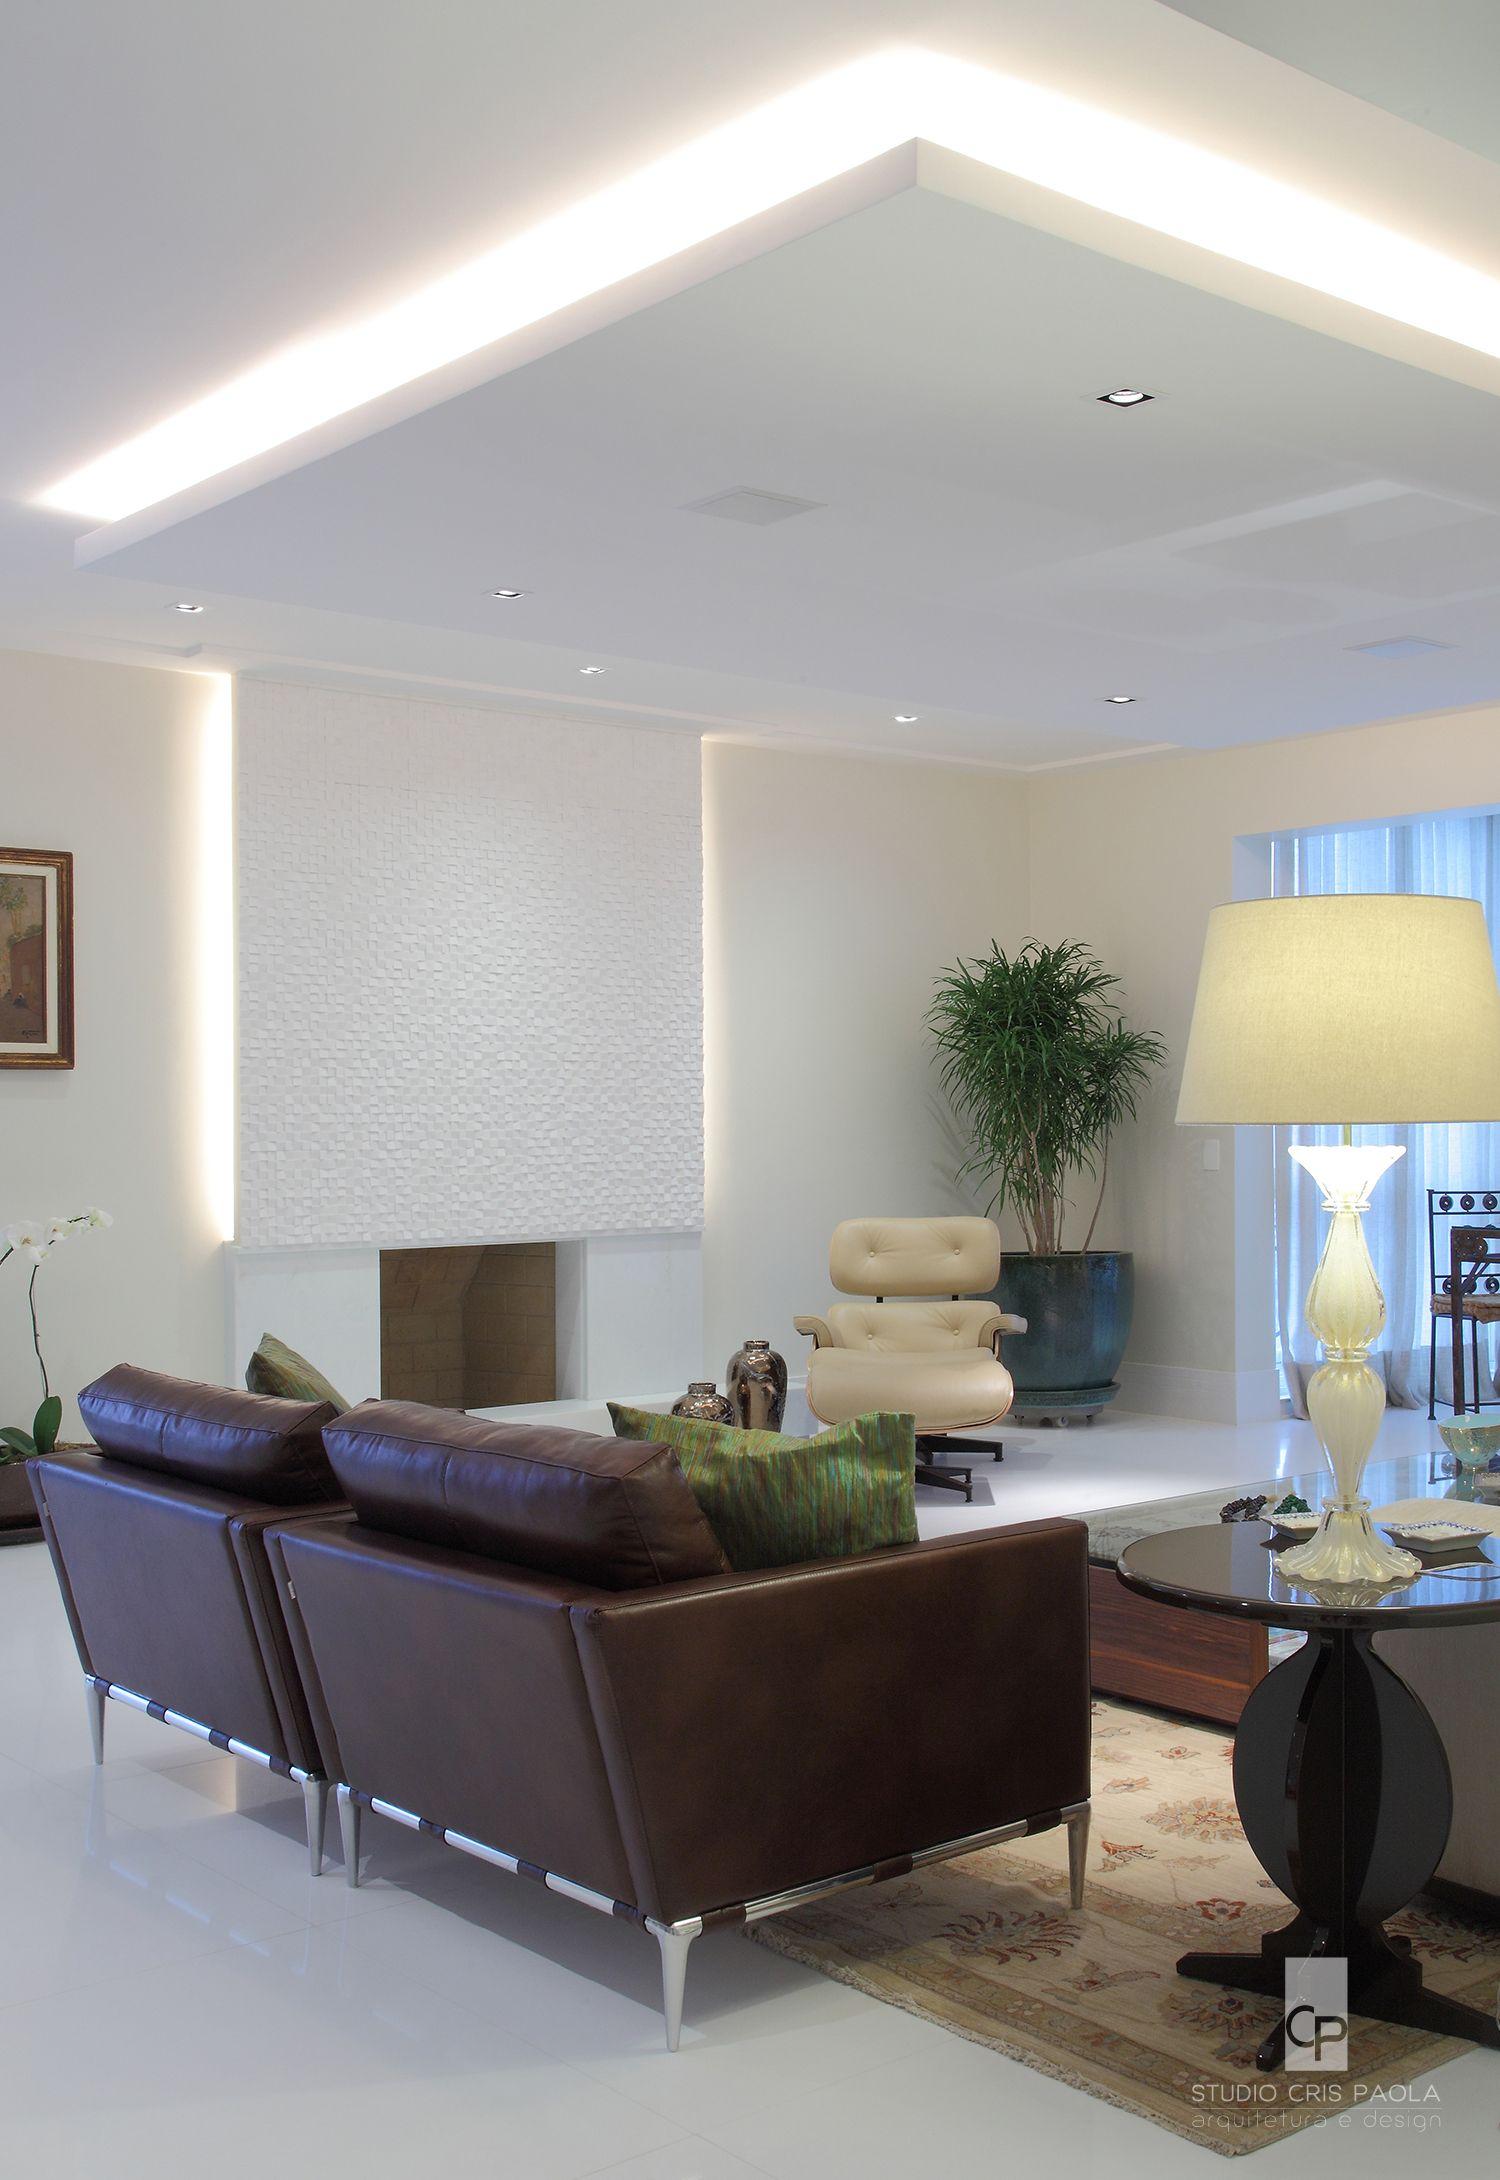 STUDIO CRIS PAOLA: Sanca de gesso com iluminação e detalhe na lareira, sala projetada pela arquiteta Cris Paola #studiocrispaola #iluminação #lareira